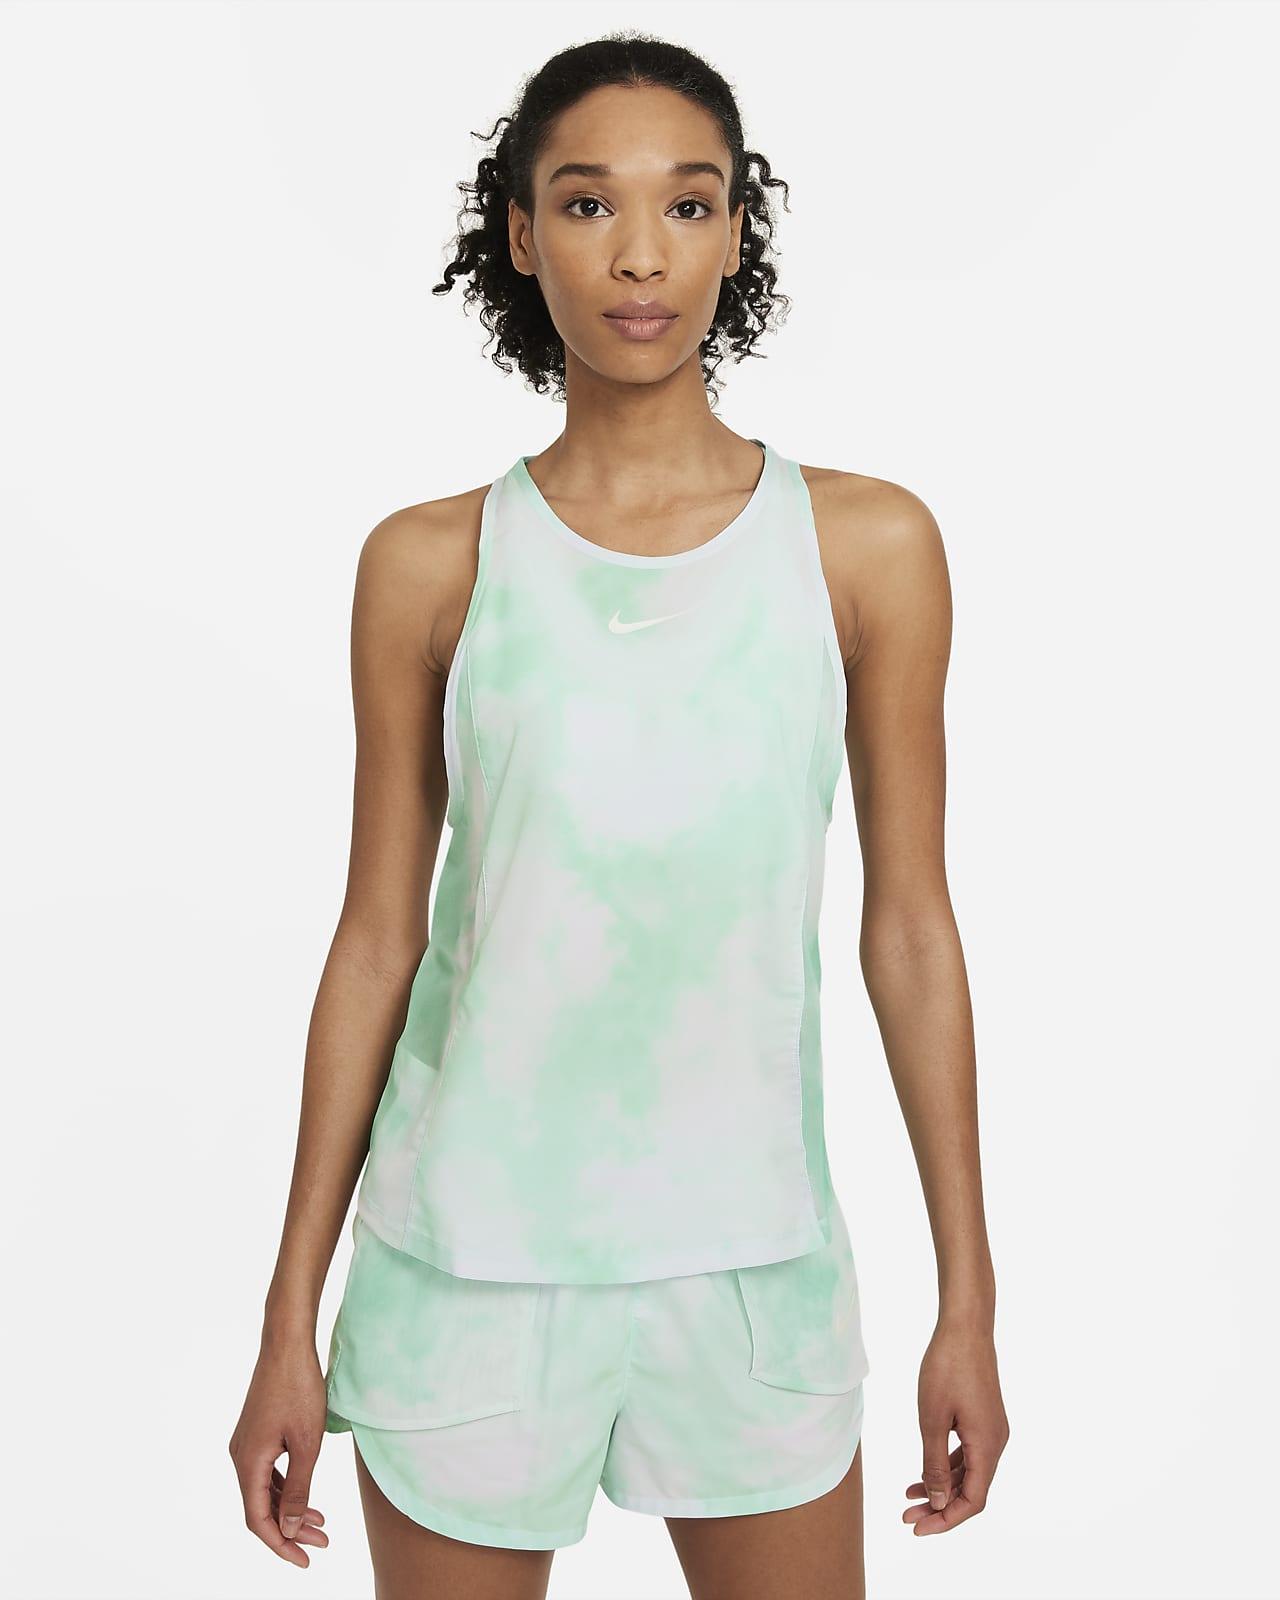 Γυναικείο φανελάκι για τρέξιμο Nike Icon Clash City Sleek